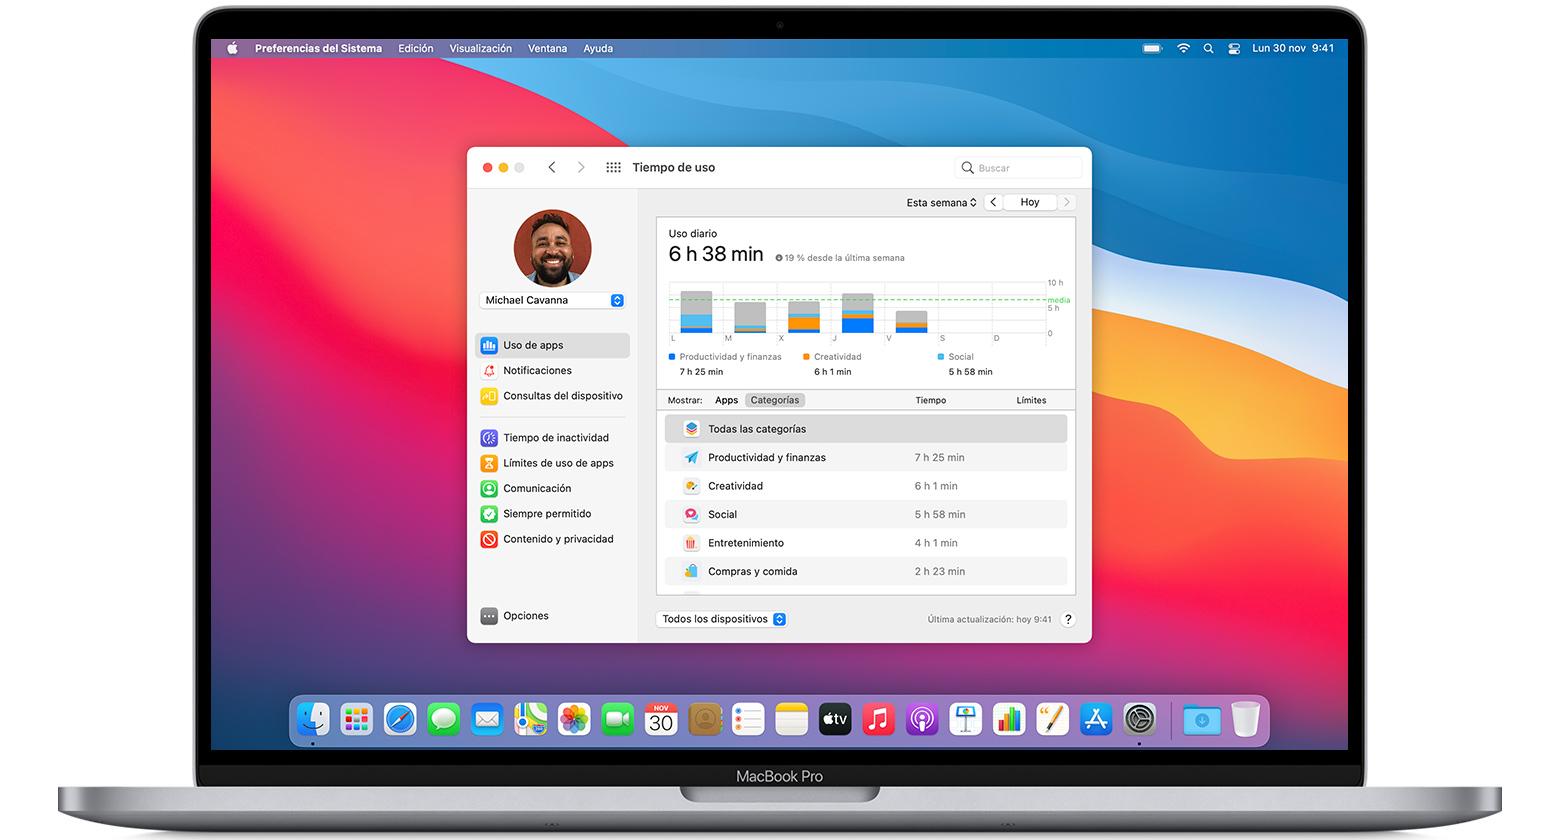 MacBookPro con la ventana de preferencias del sistema de Tiempo de uso abierta